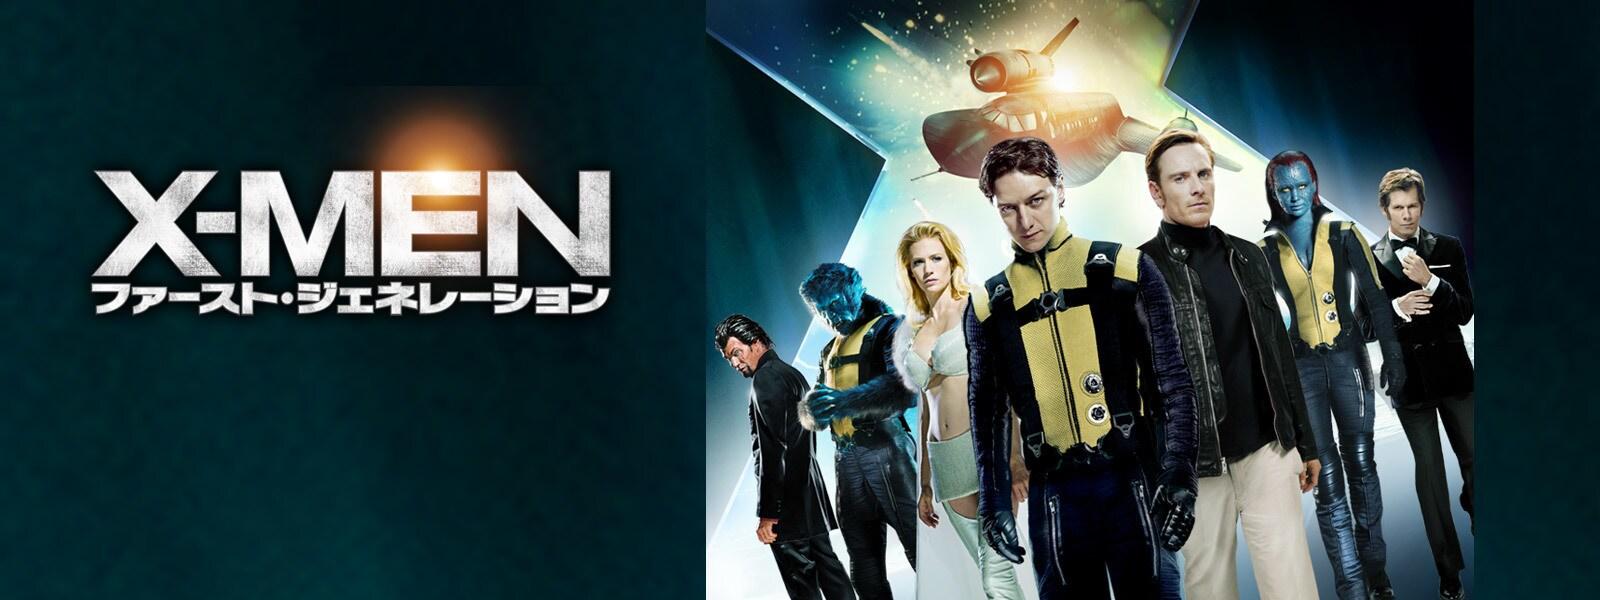 X-MEN:ファースト・ジェネレーション X-Men: First Class Hero